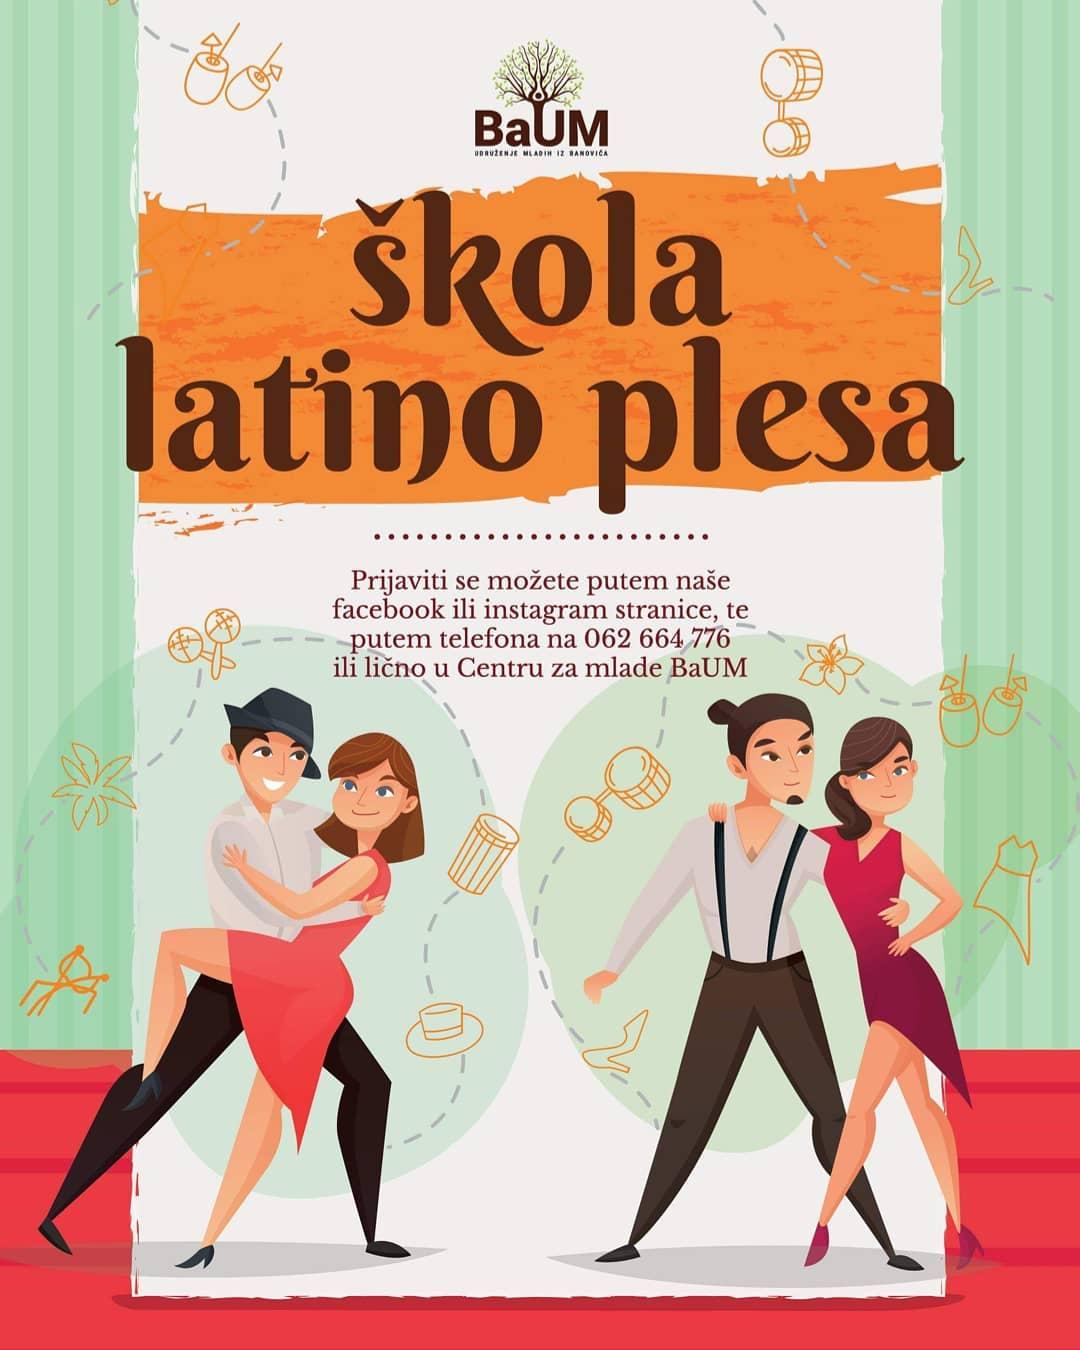 Latino dating usluga